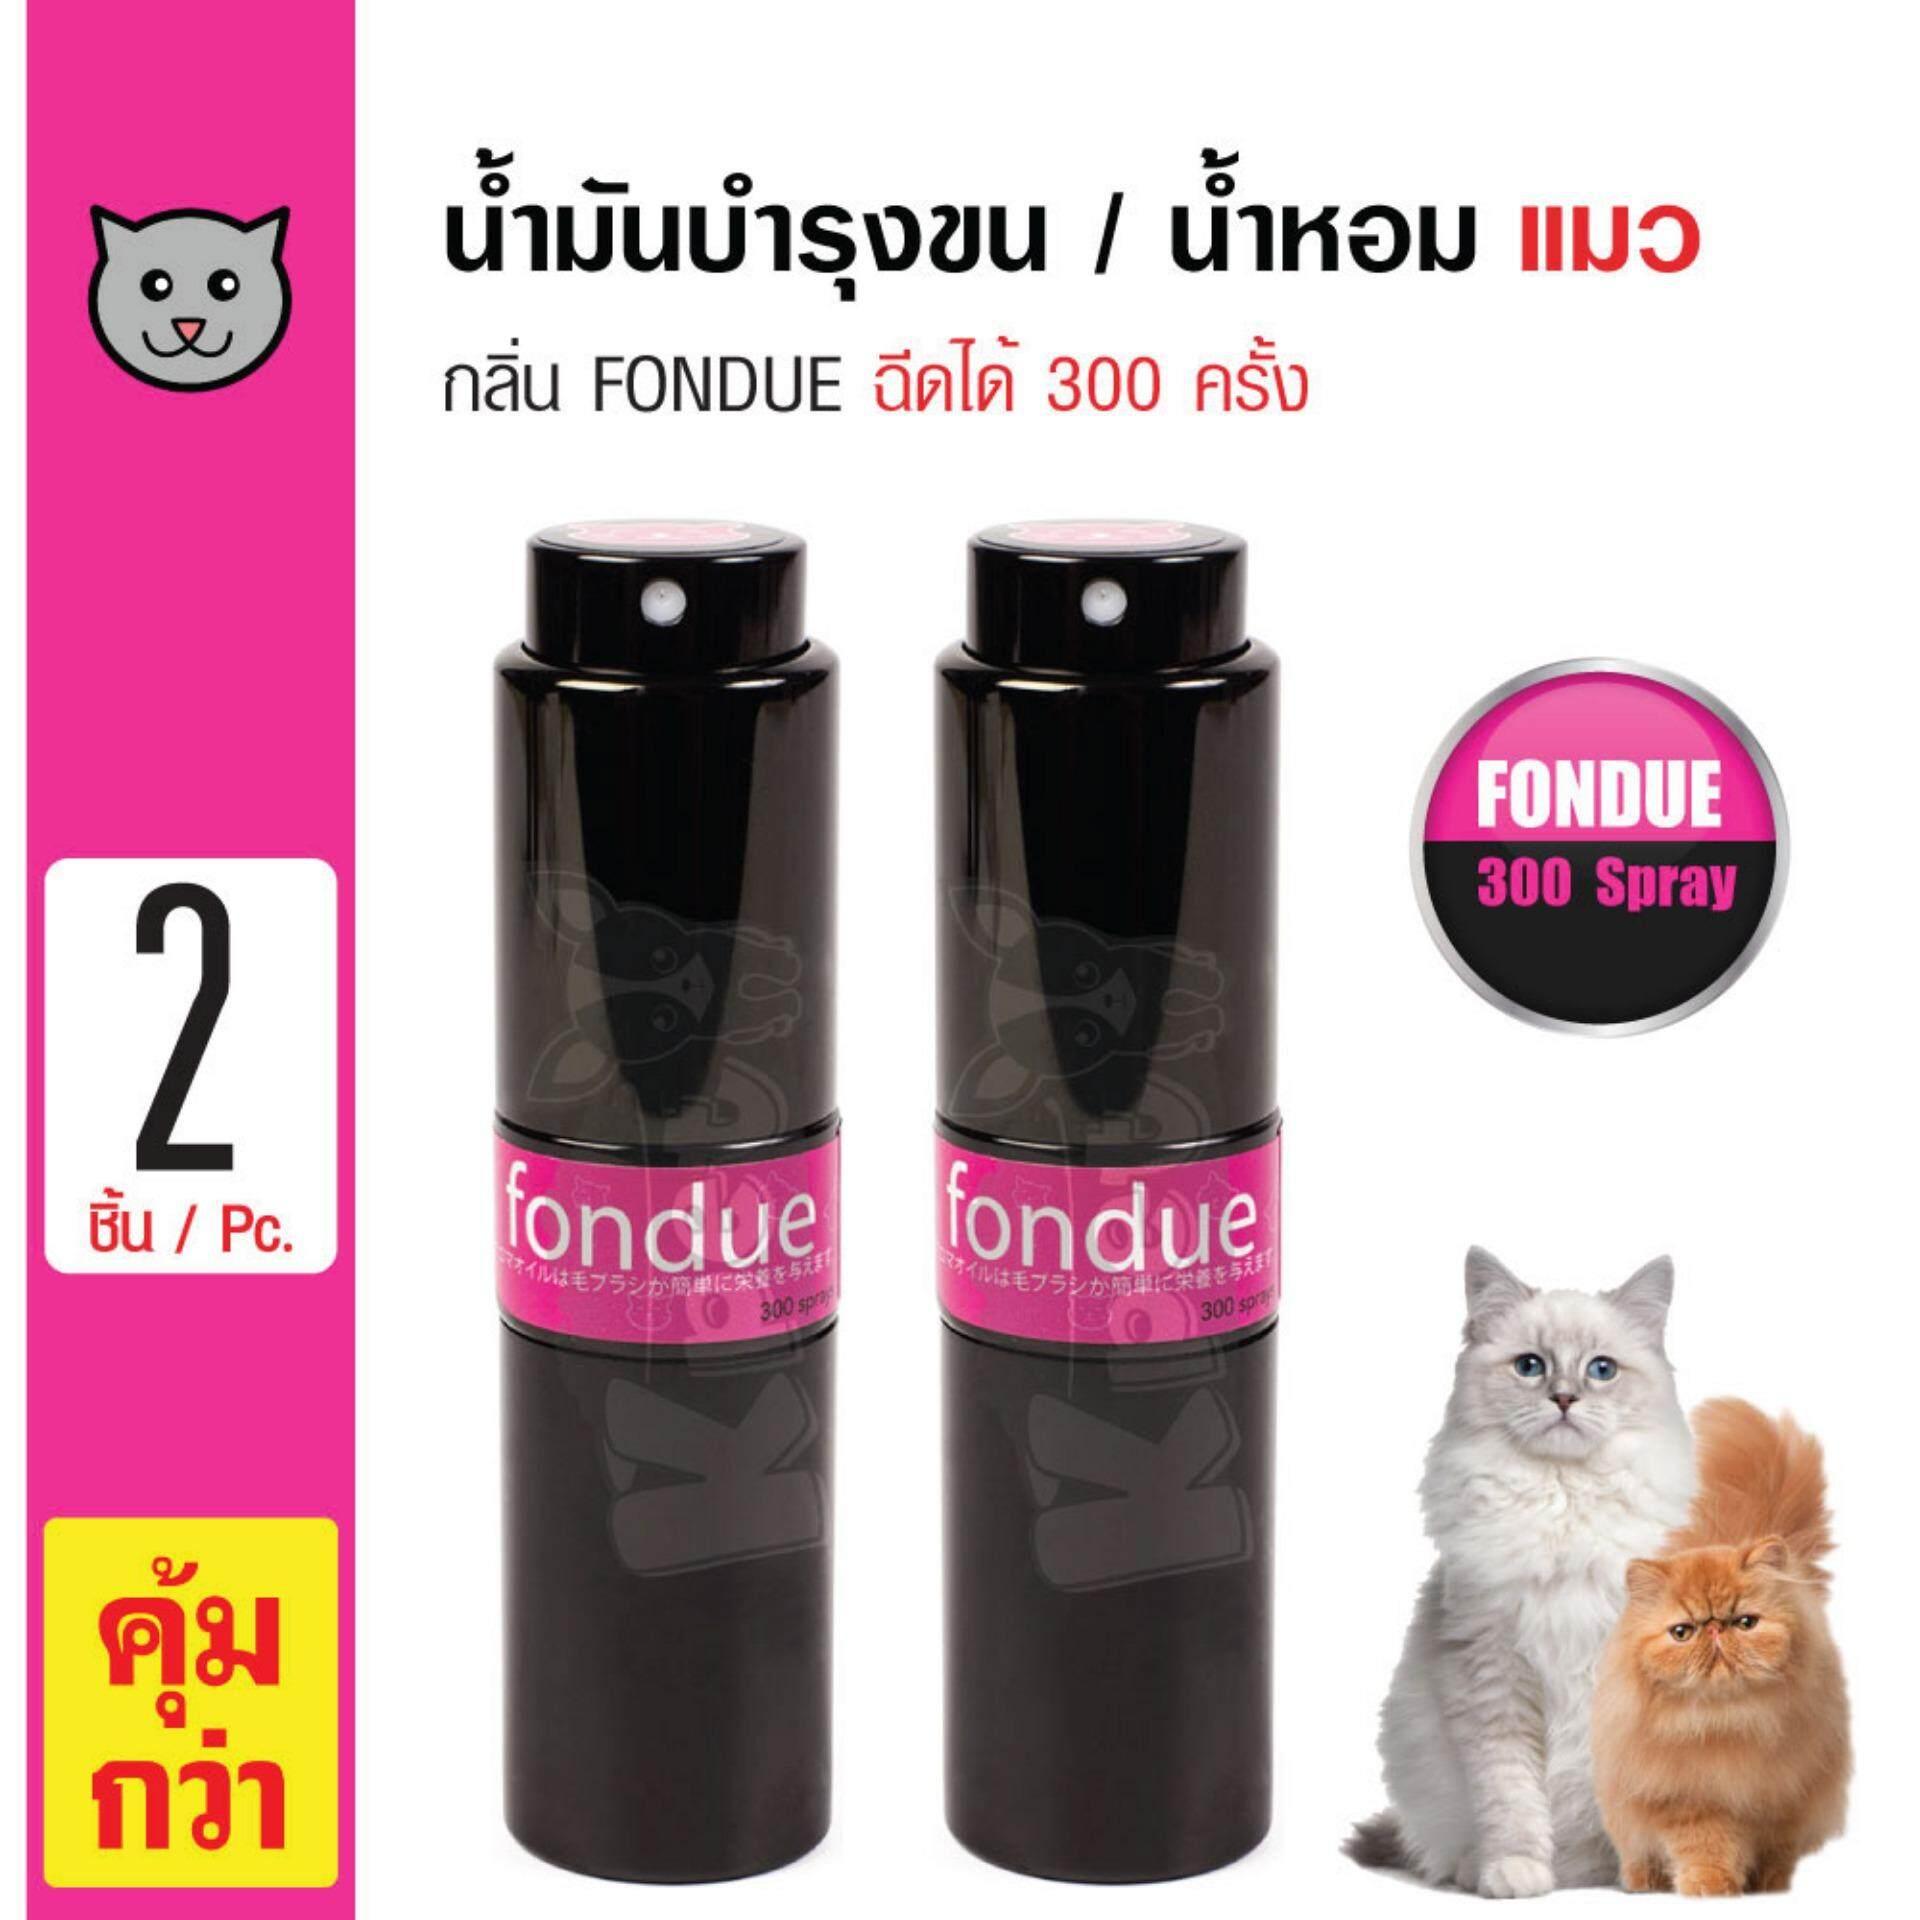 Kevina Cat Perfume น้ำหอมแมว น้ำมันบำรุงขนแมว กลิ่น Fondue หอมสดชื่น สำหรับแมวทุกวัย ฉีดได้ 300 ครั้ง X 2 ขวด.